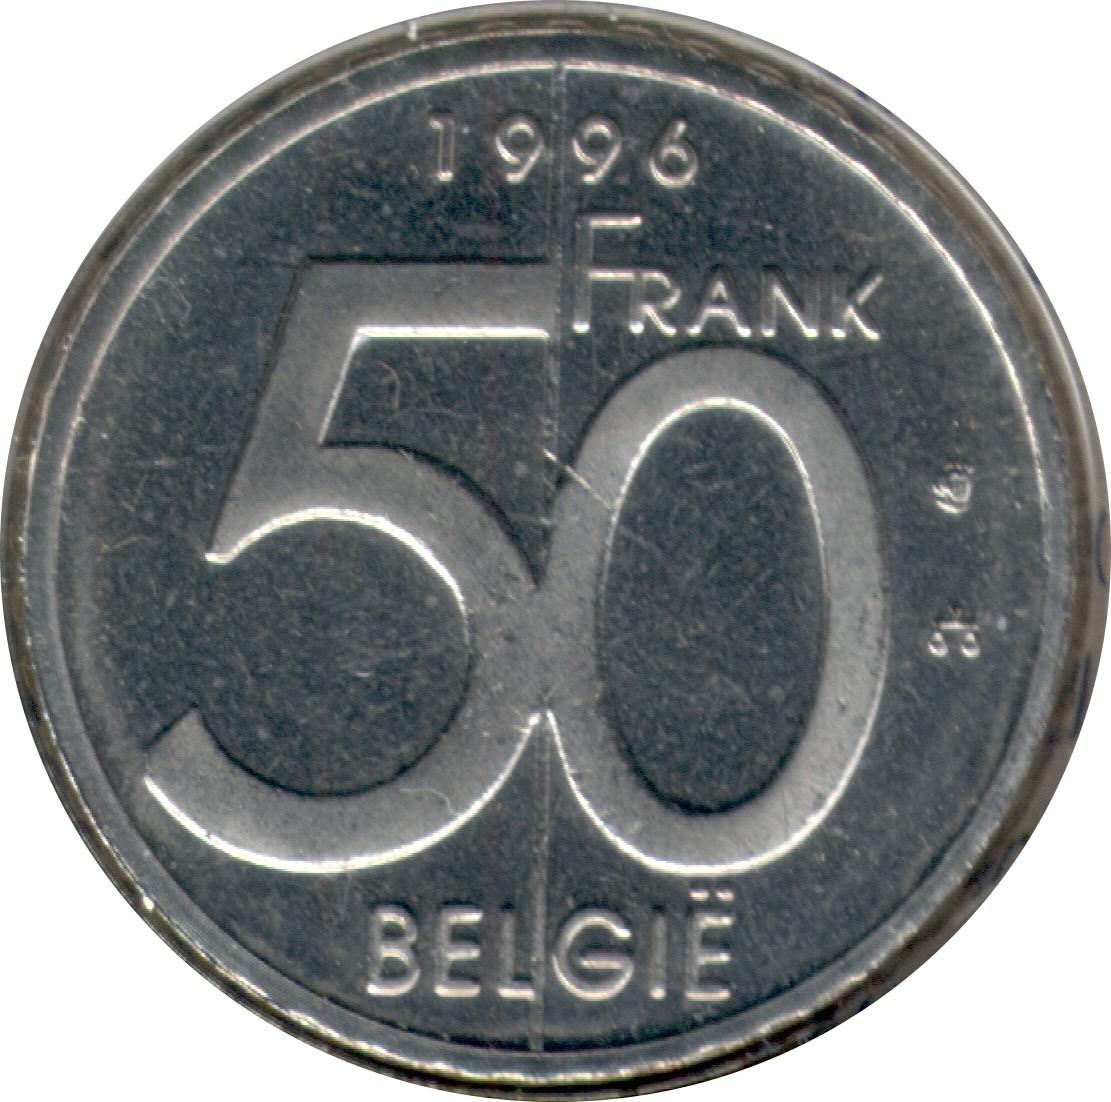 Belgium 50 Francs (1994-2001 Albert II Dutch text)